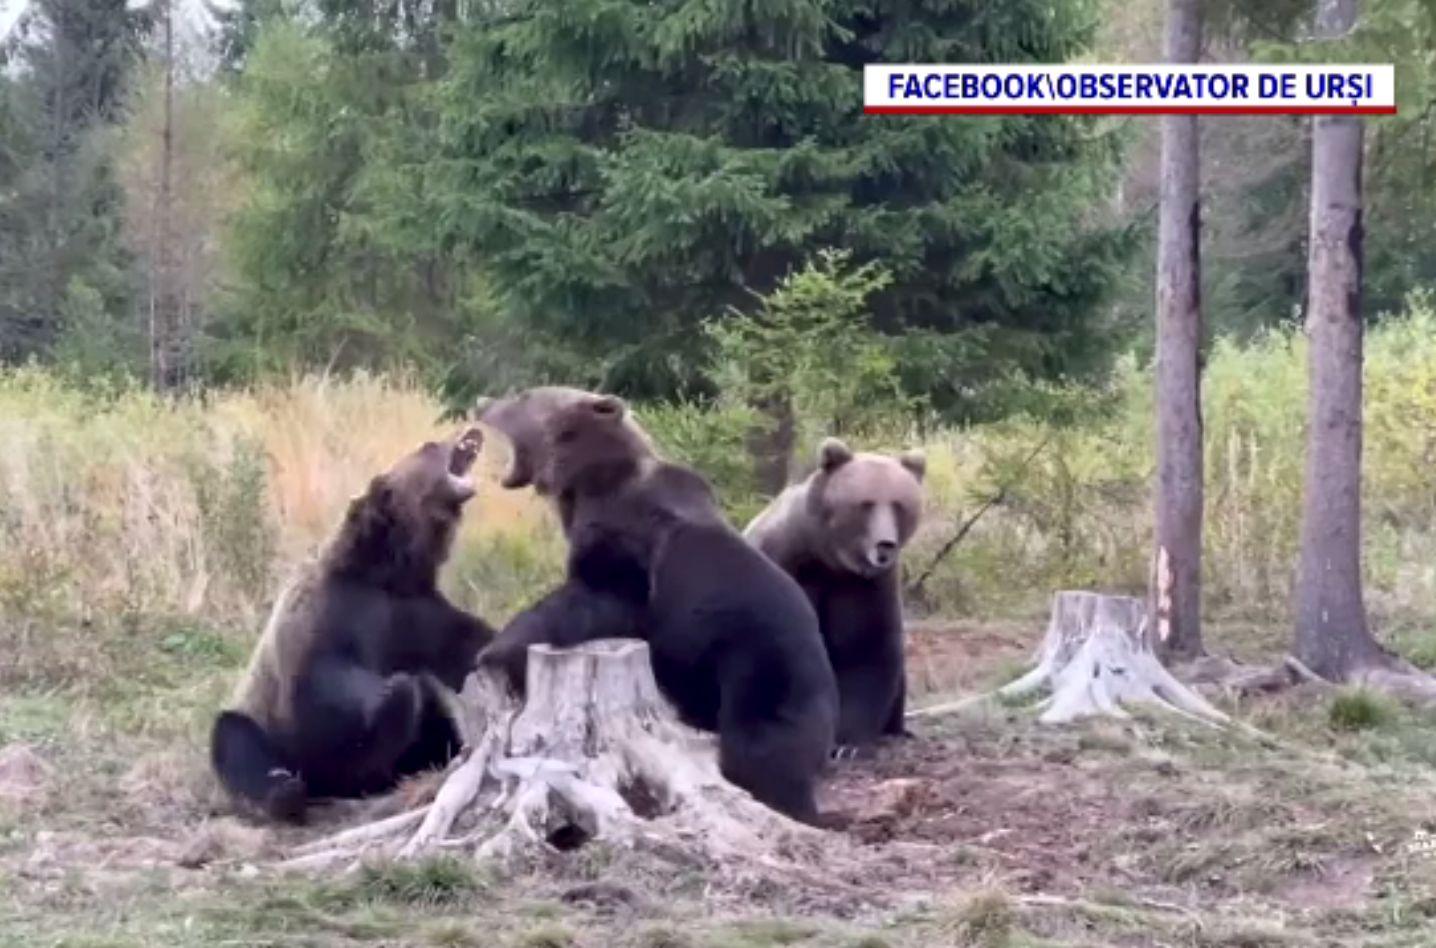 Bătaia urșilor, surprinsă de un bărbat la cules de ciuperci, în Harghita